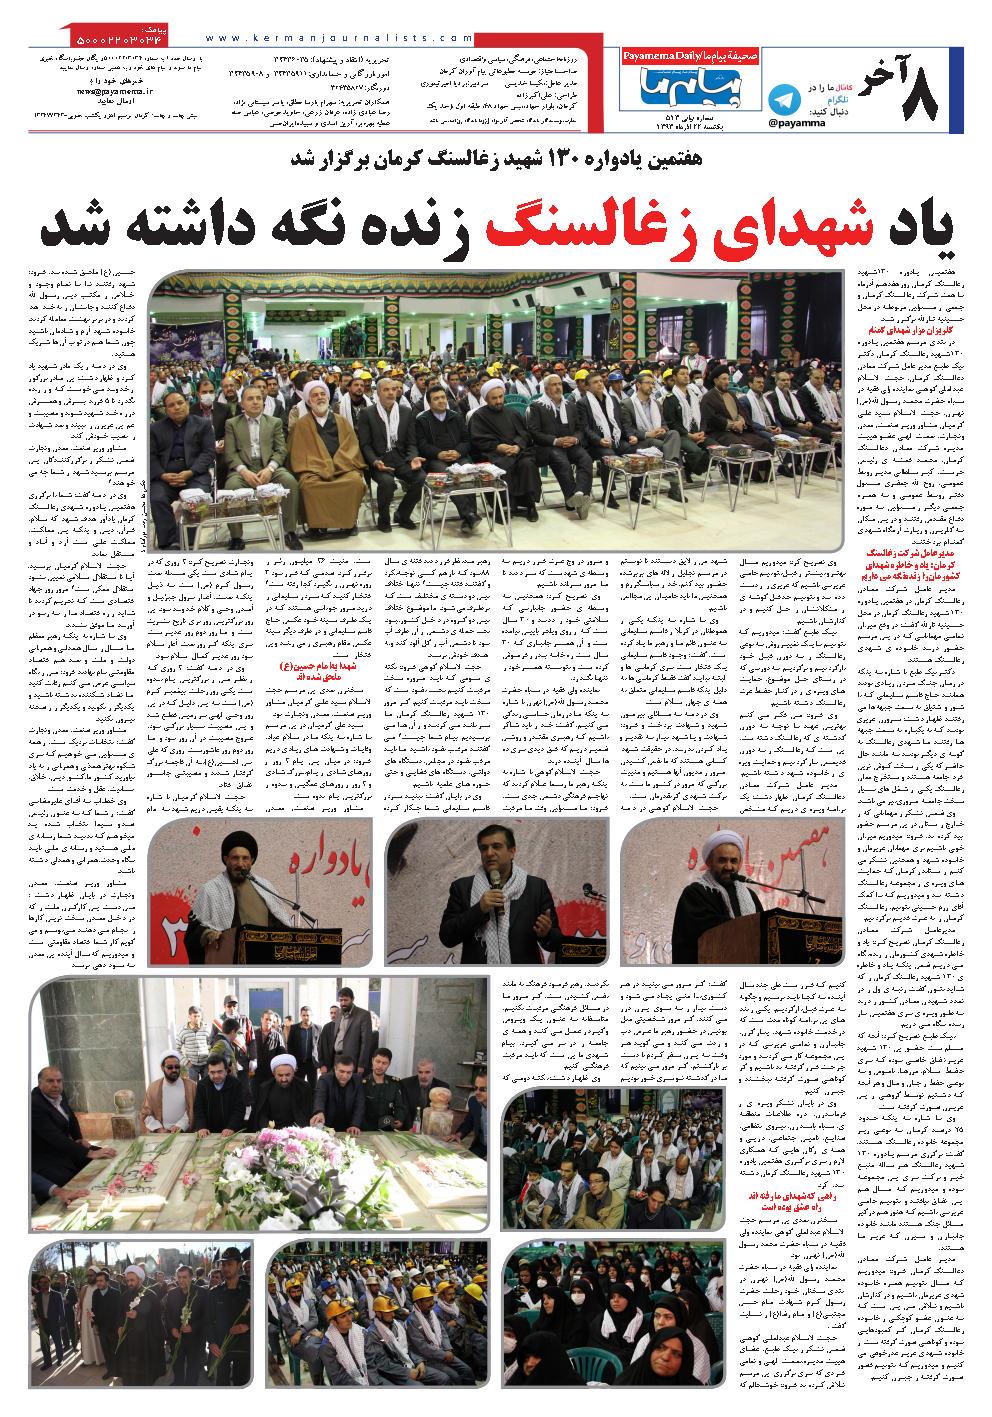 هفتمین یادواره 130 شهید زغالسنگ کرمان برگزار شد یاد شهدای زغالسنگ زنده نگه داشته شد